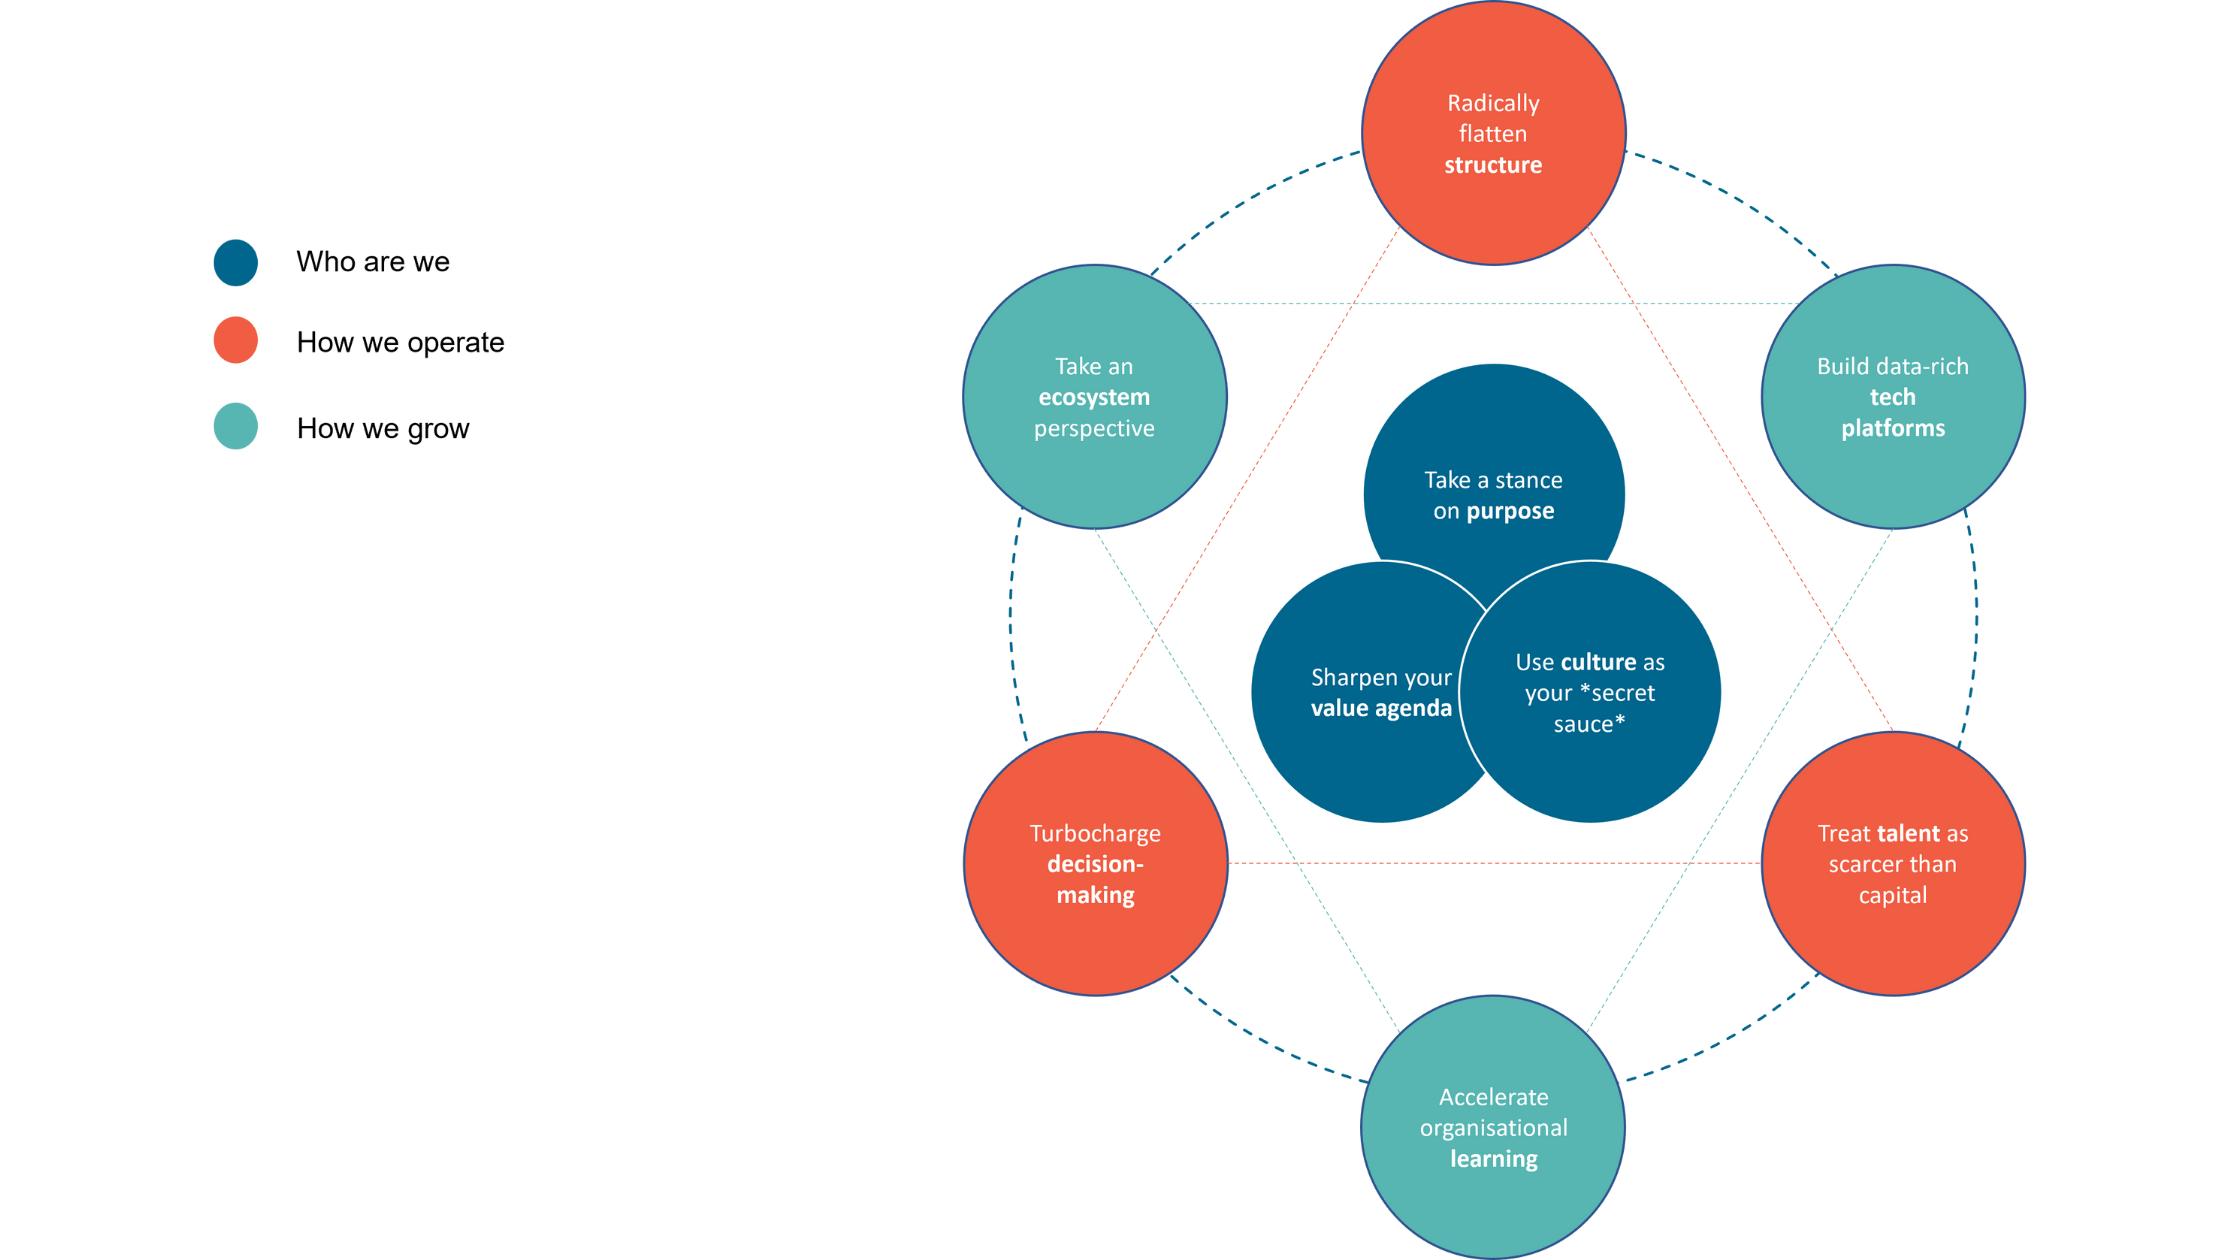 9 ways infographic